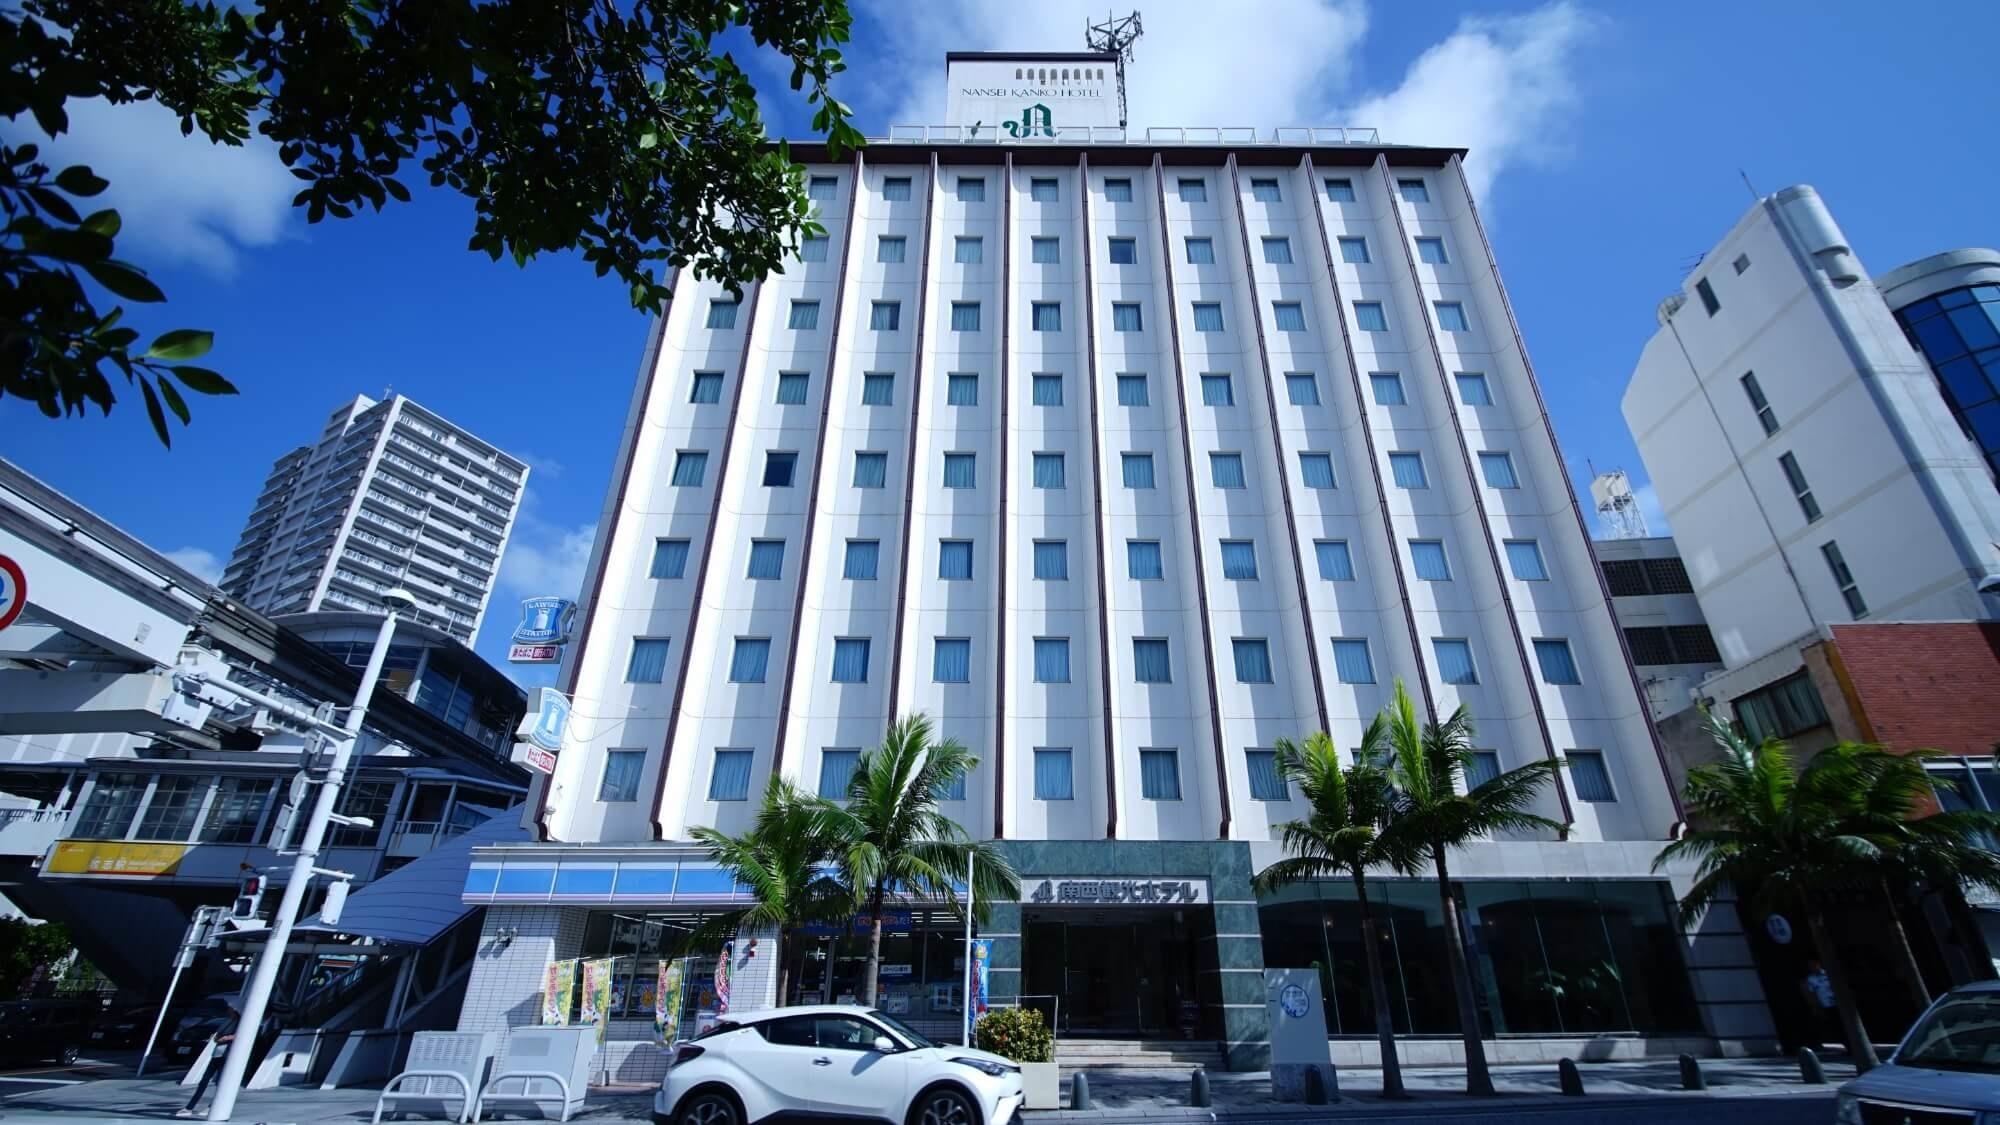 沖縄に卒業旅行に仲間といきます。本島観光におすすめの宿は?